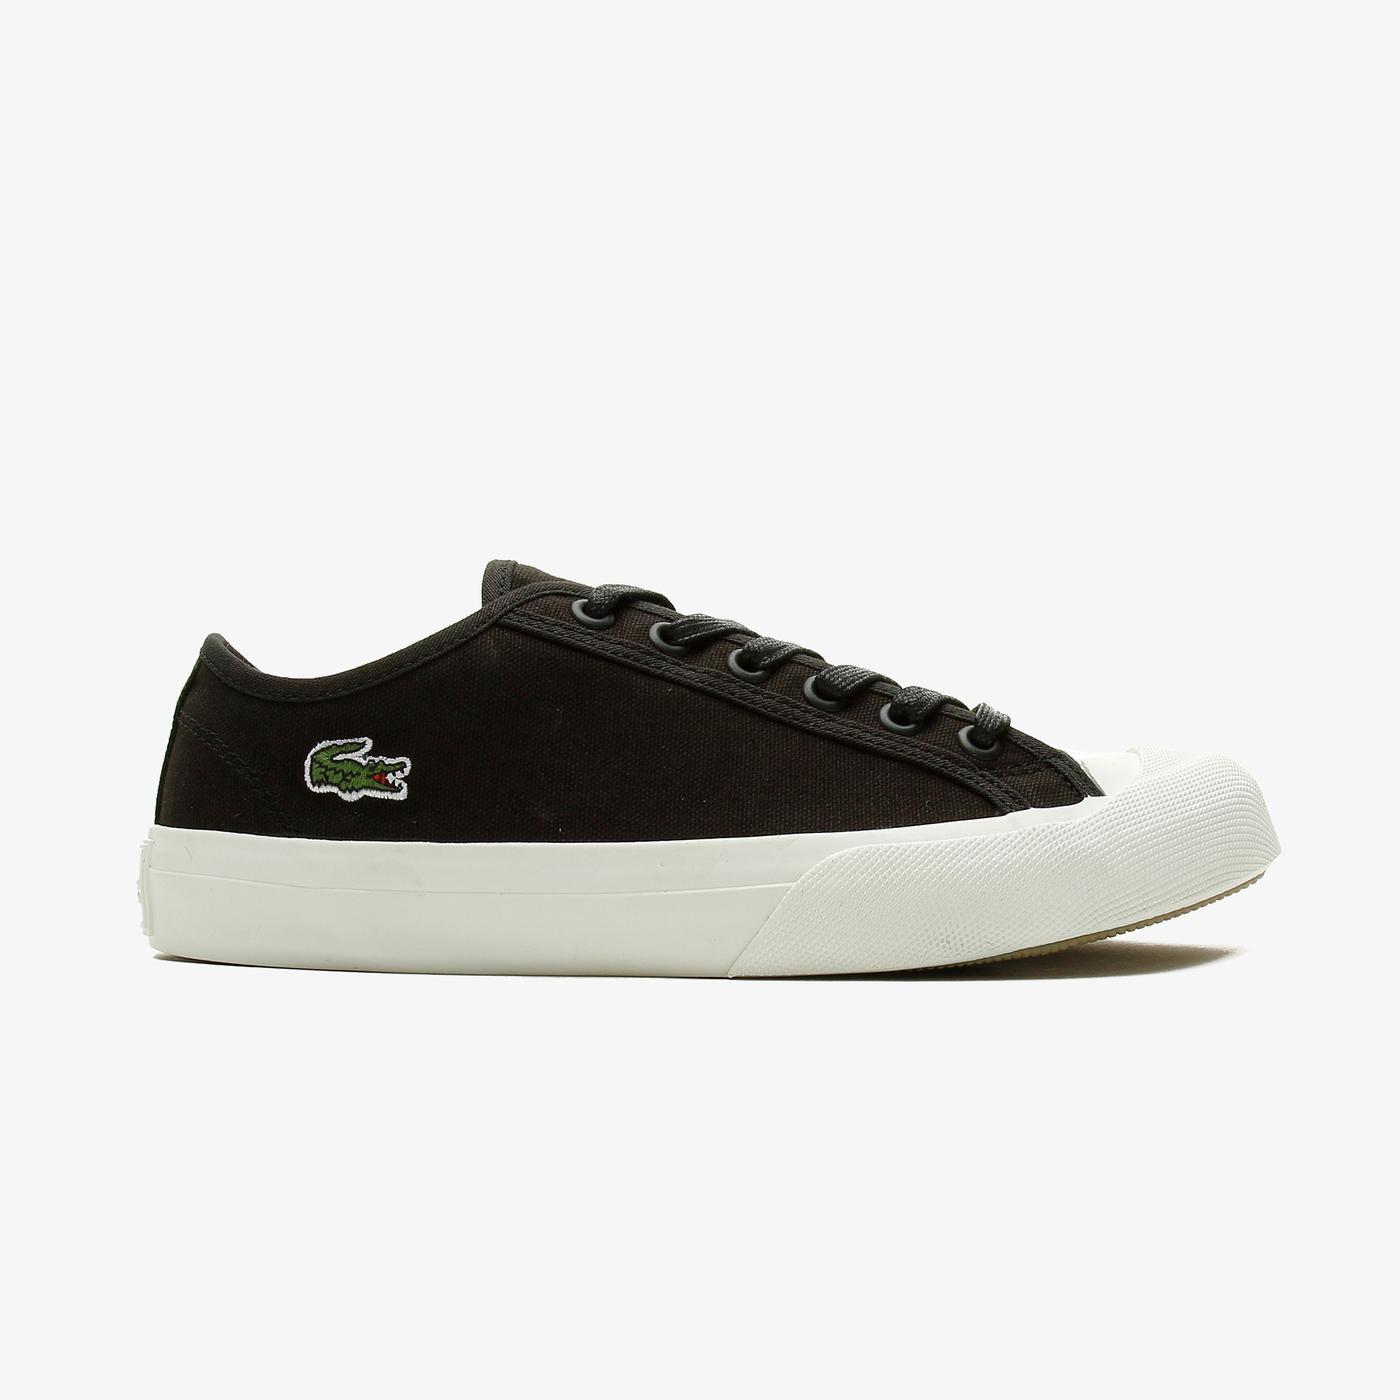 Lacoste Topskill 0721 2 Cfa Kadın Siyah - Beyaz Spor Ayakkabı